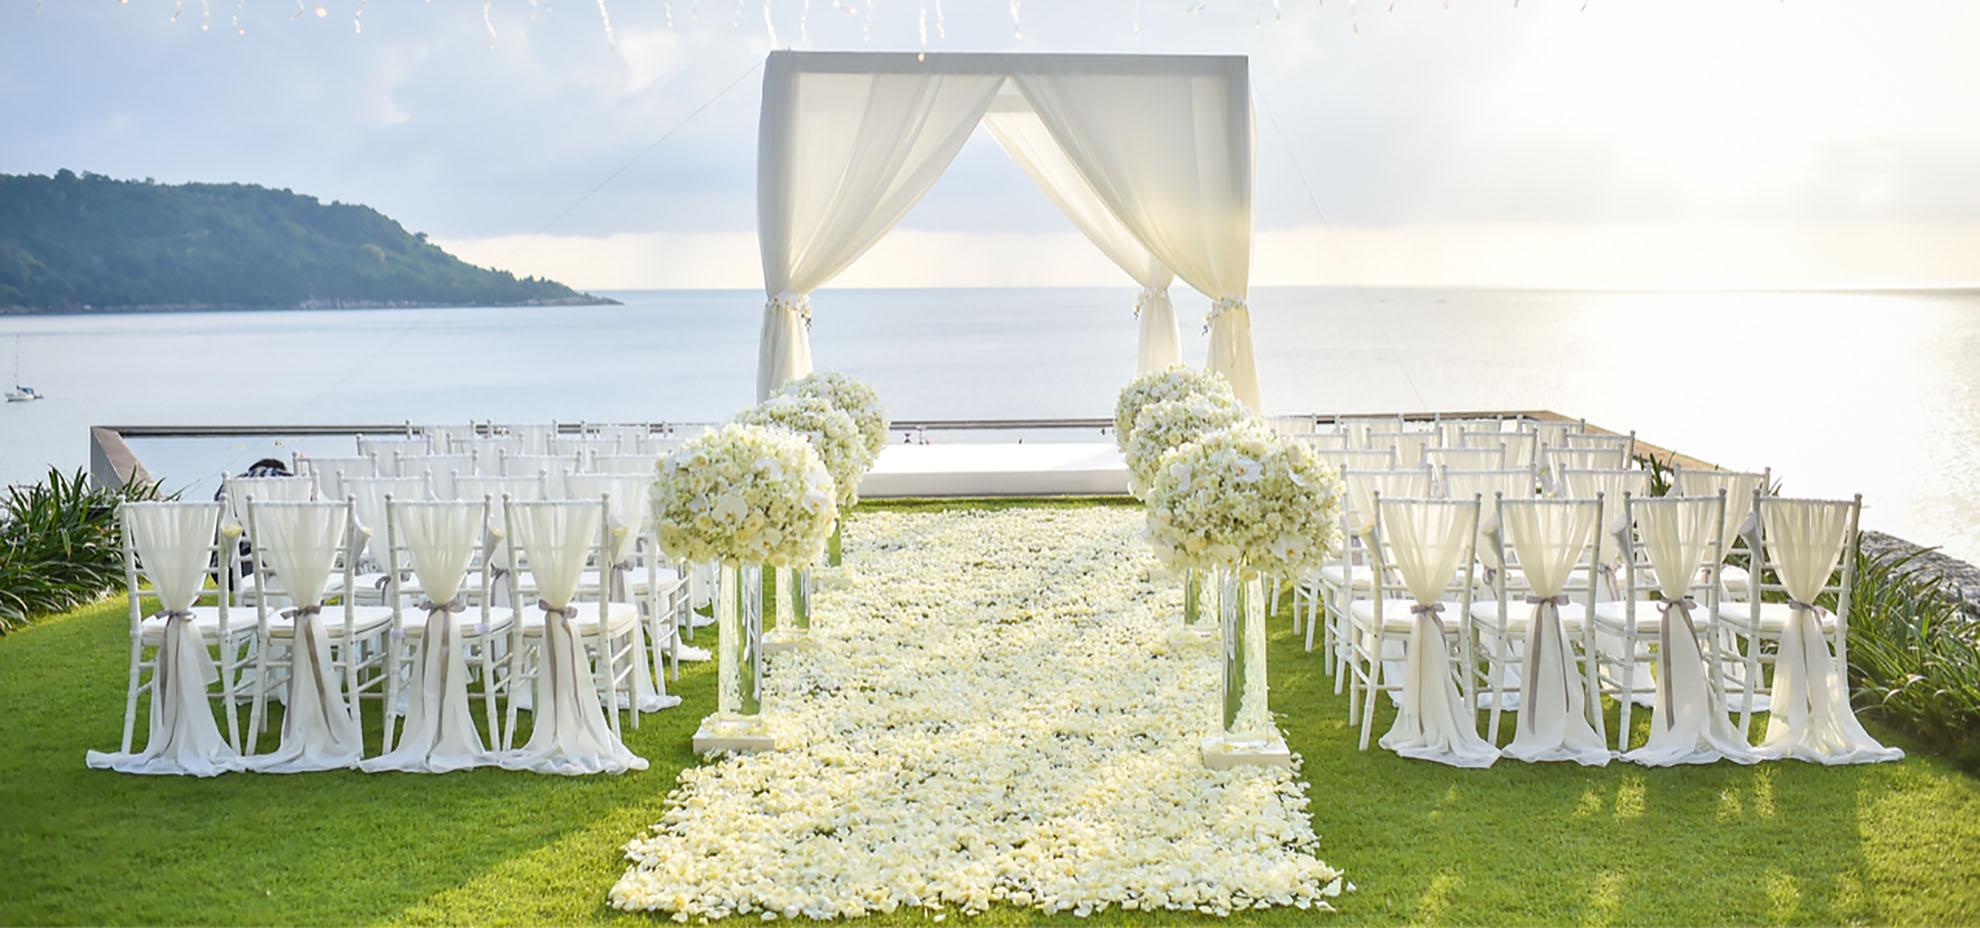 The Joy Weddings